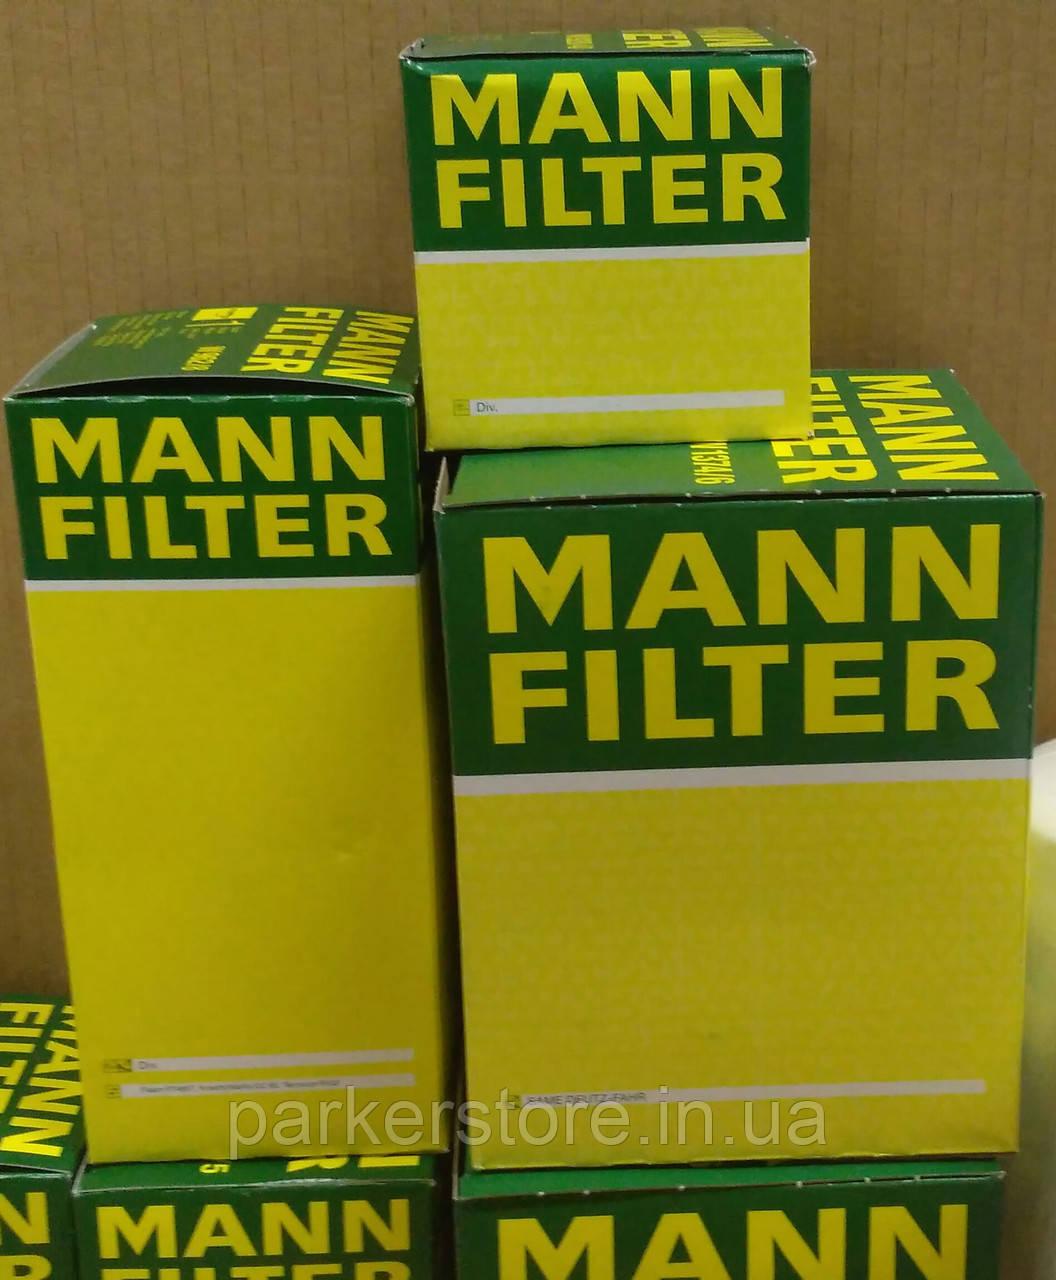 MANN FILTER / Воздушный фильтр / C 2622 / C2622